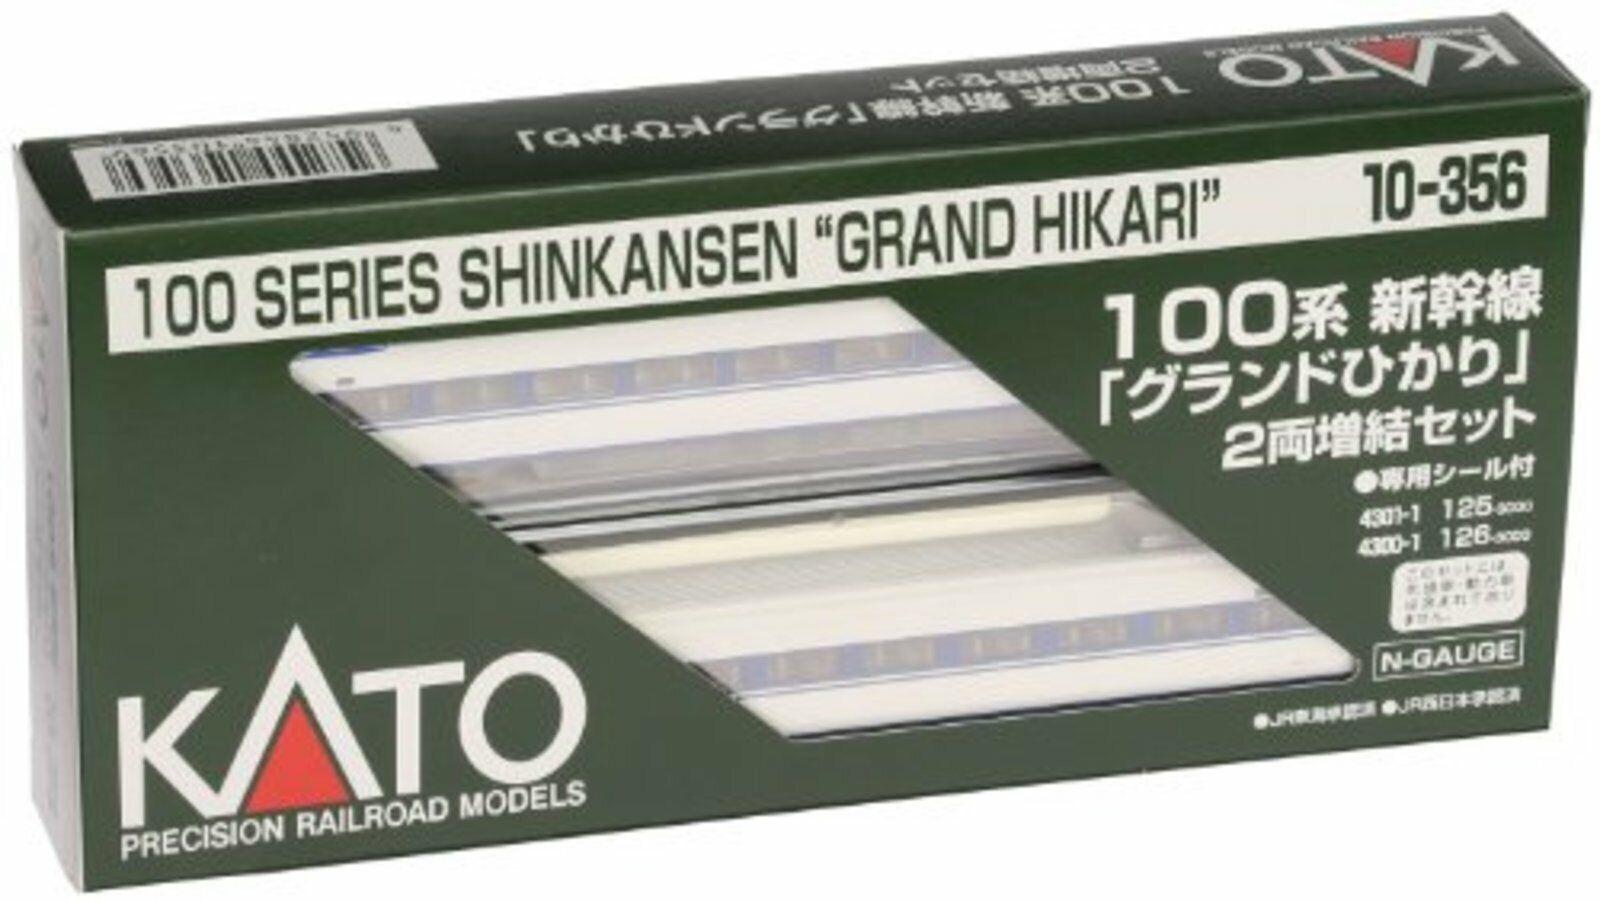 Kato N 10-356 100 Grand Hikari Shinkansen 2 coche agregar aparición F s con seguimiento   Japón